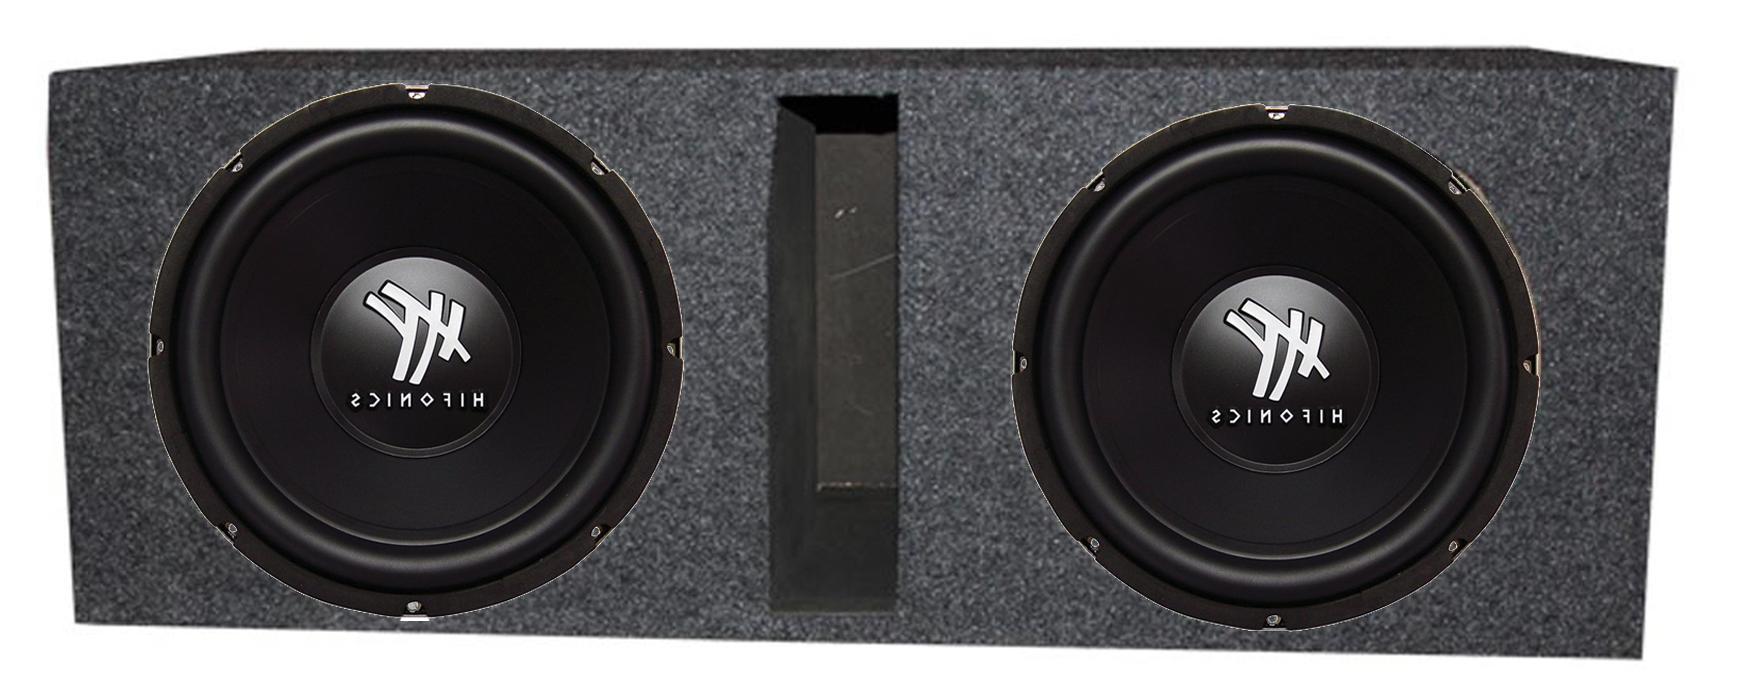 2 hfx12d4 car audio dvc